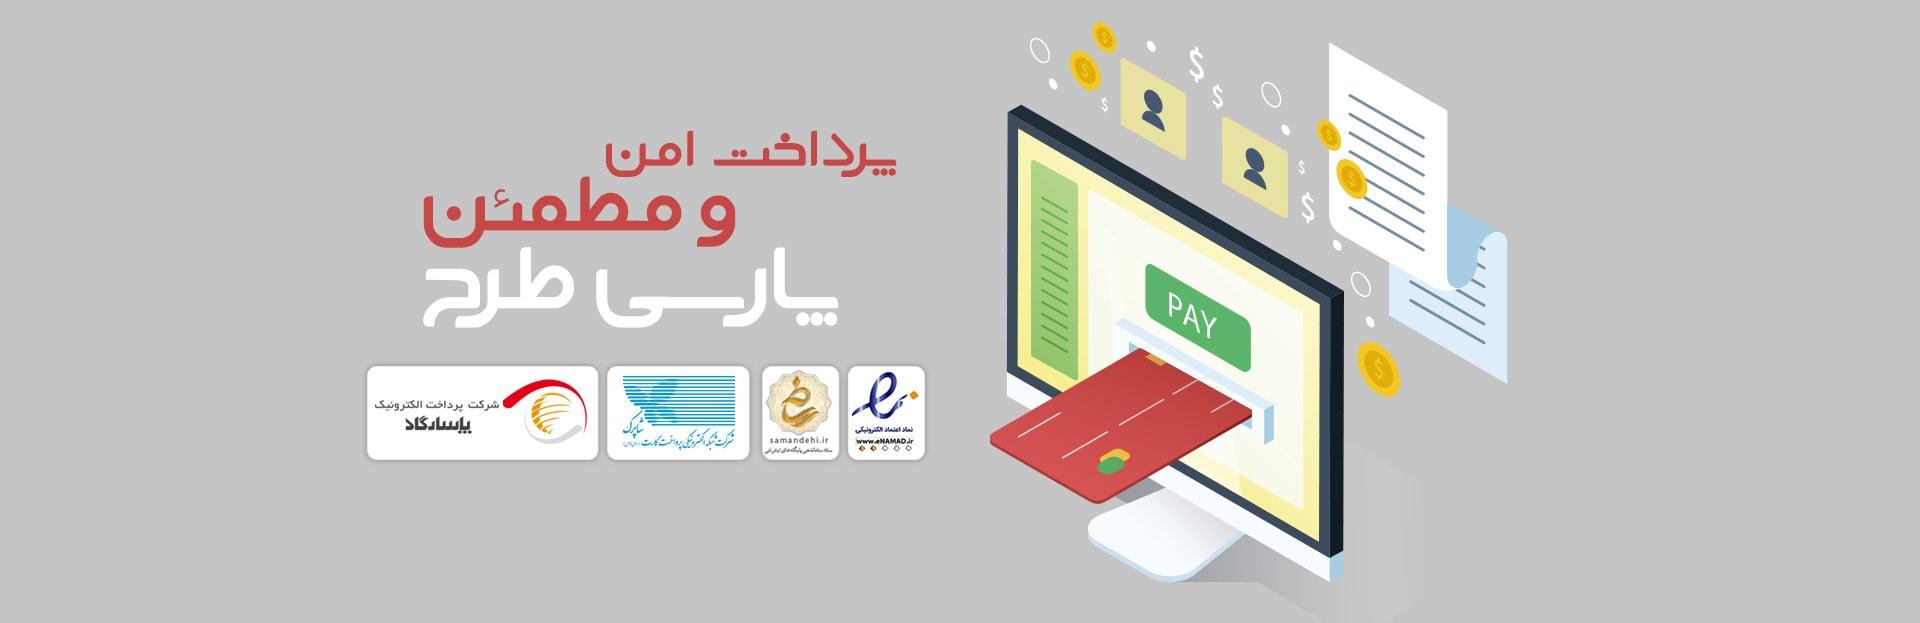 طراحی هدر پرداخت آنلاین